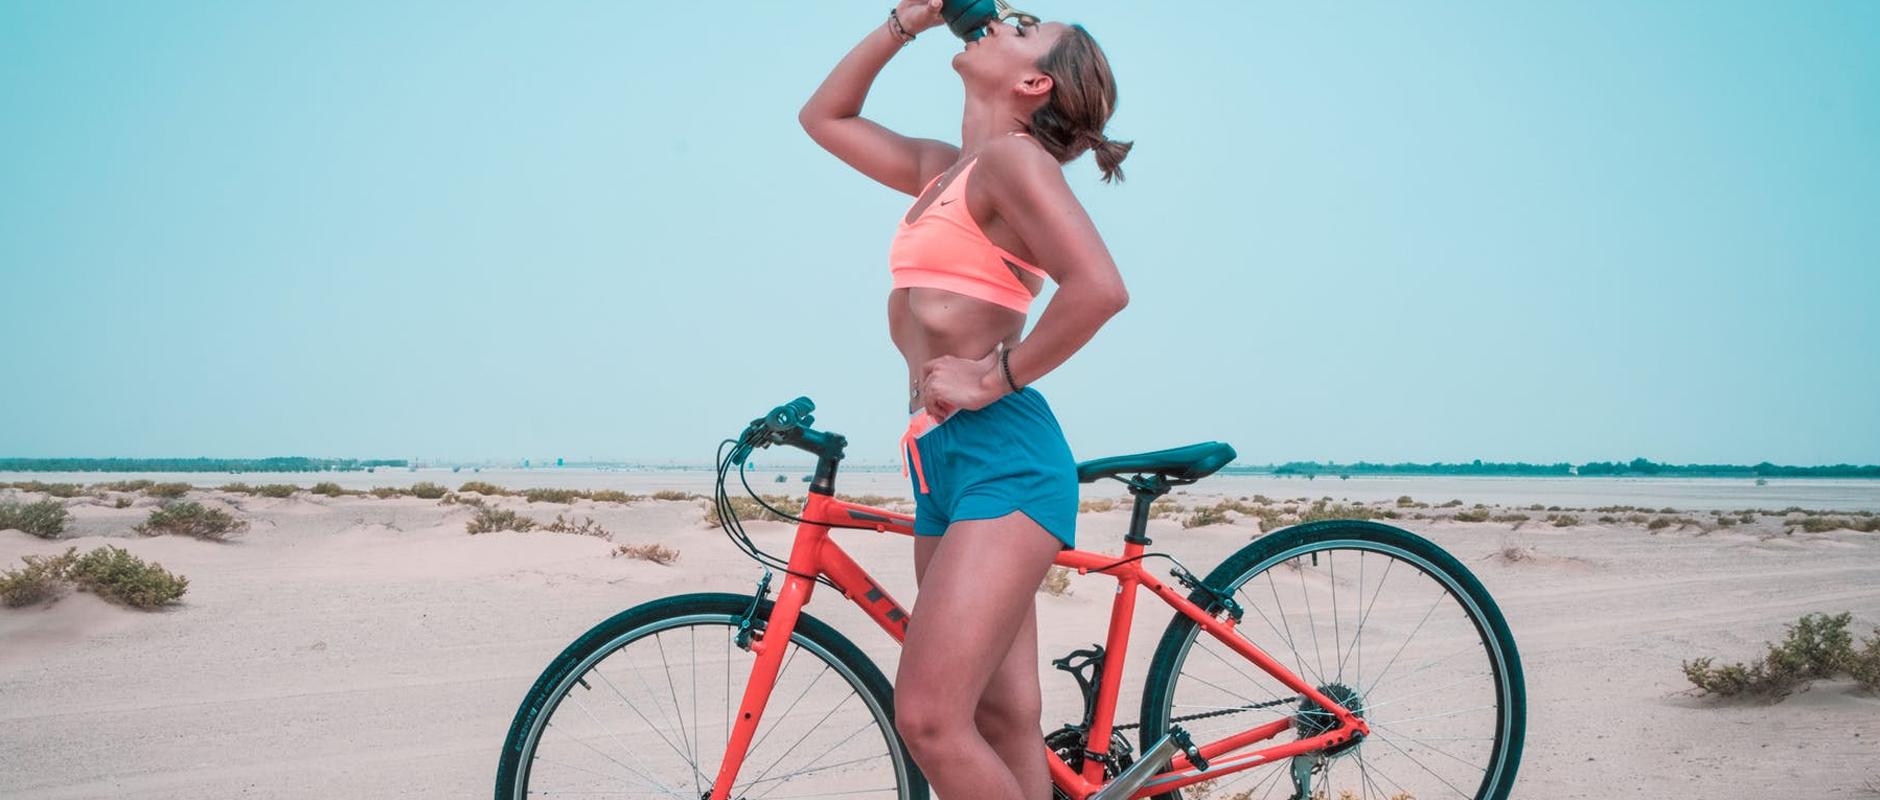 poster image Réalité virtuelle comment peut elle impacter le cyclisme Une révolution du vélo d'appartement - Réalité virtuelle : comment peut-elle impacter le cyclisme?